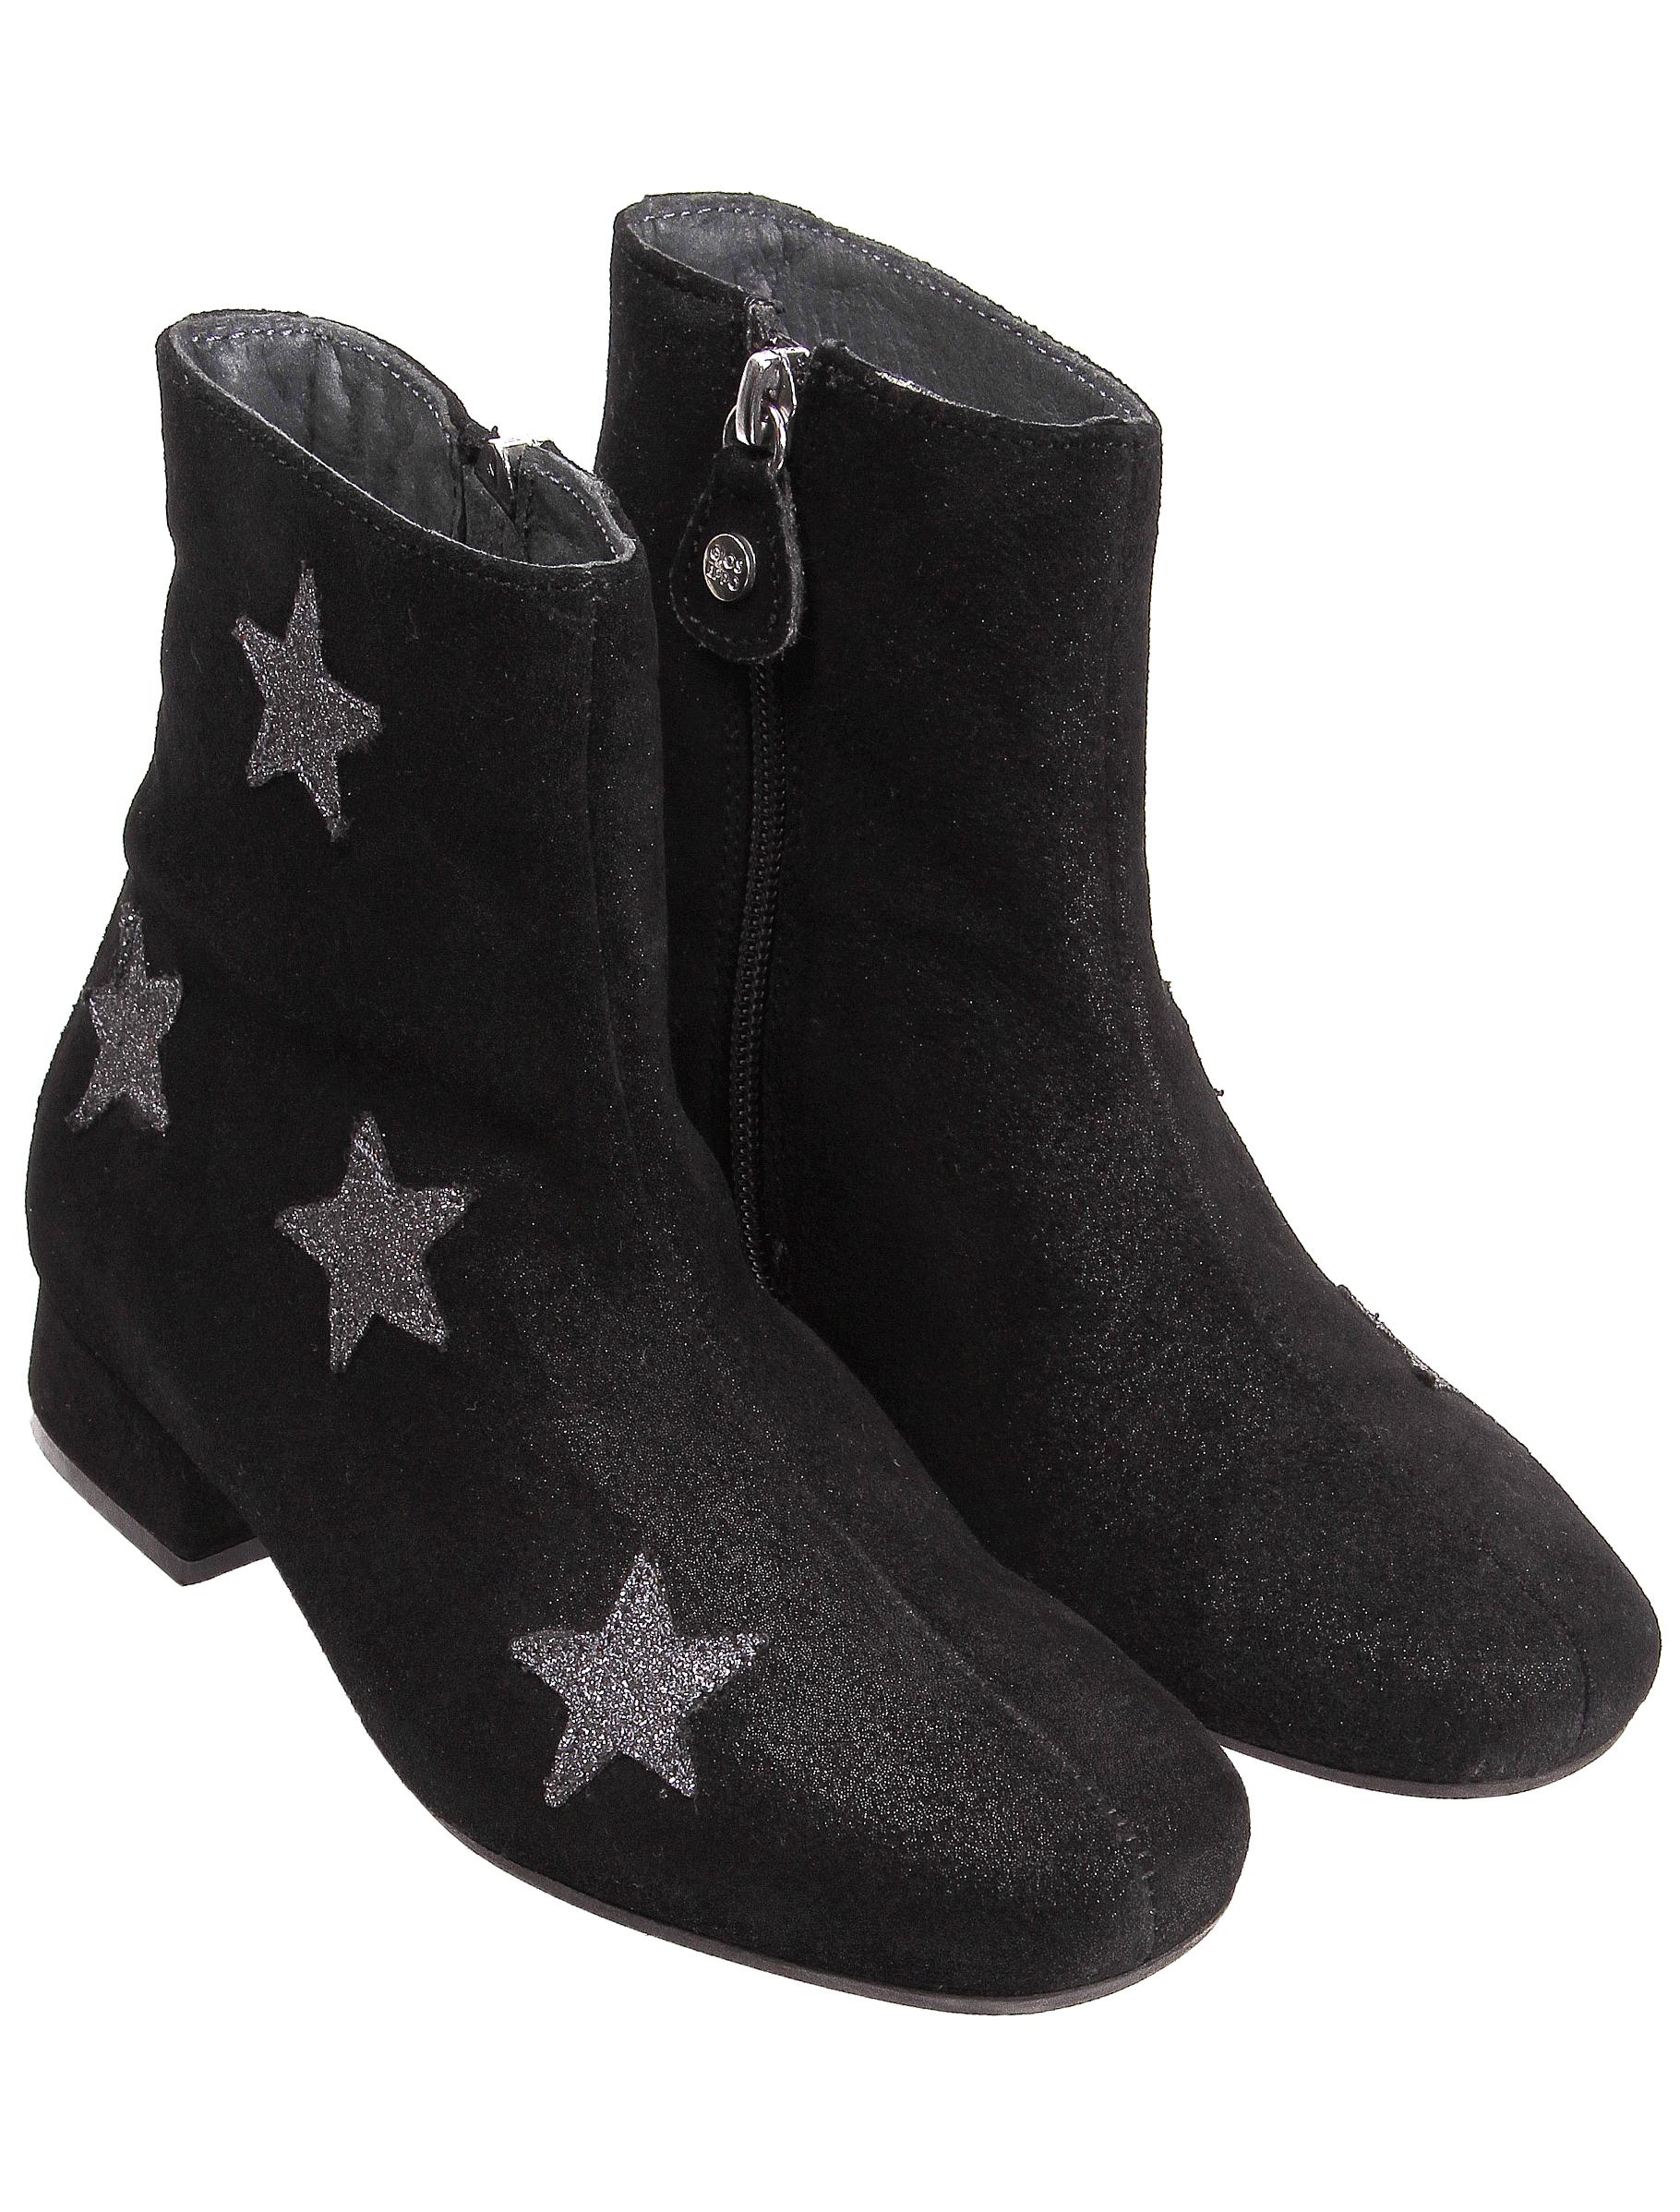 1916439, Ботинки GIOSEPPO, черный, Женский, 2031109880352  - купить со скидкой